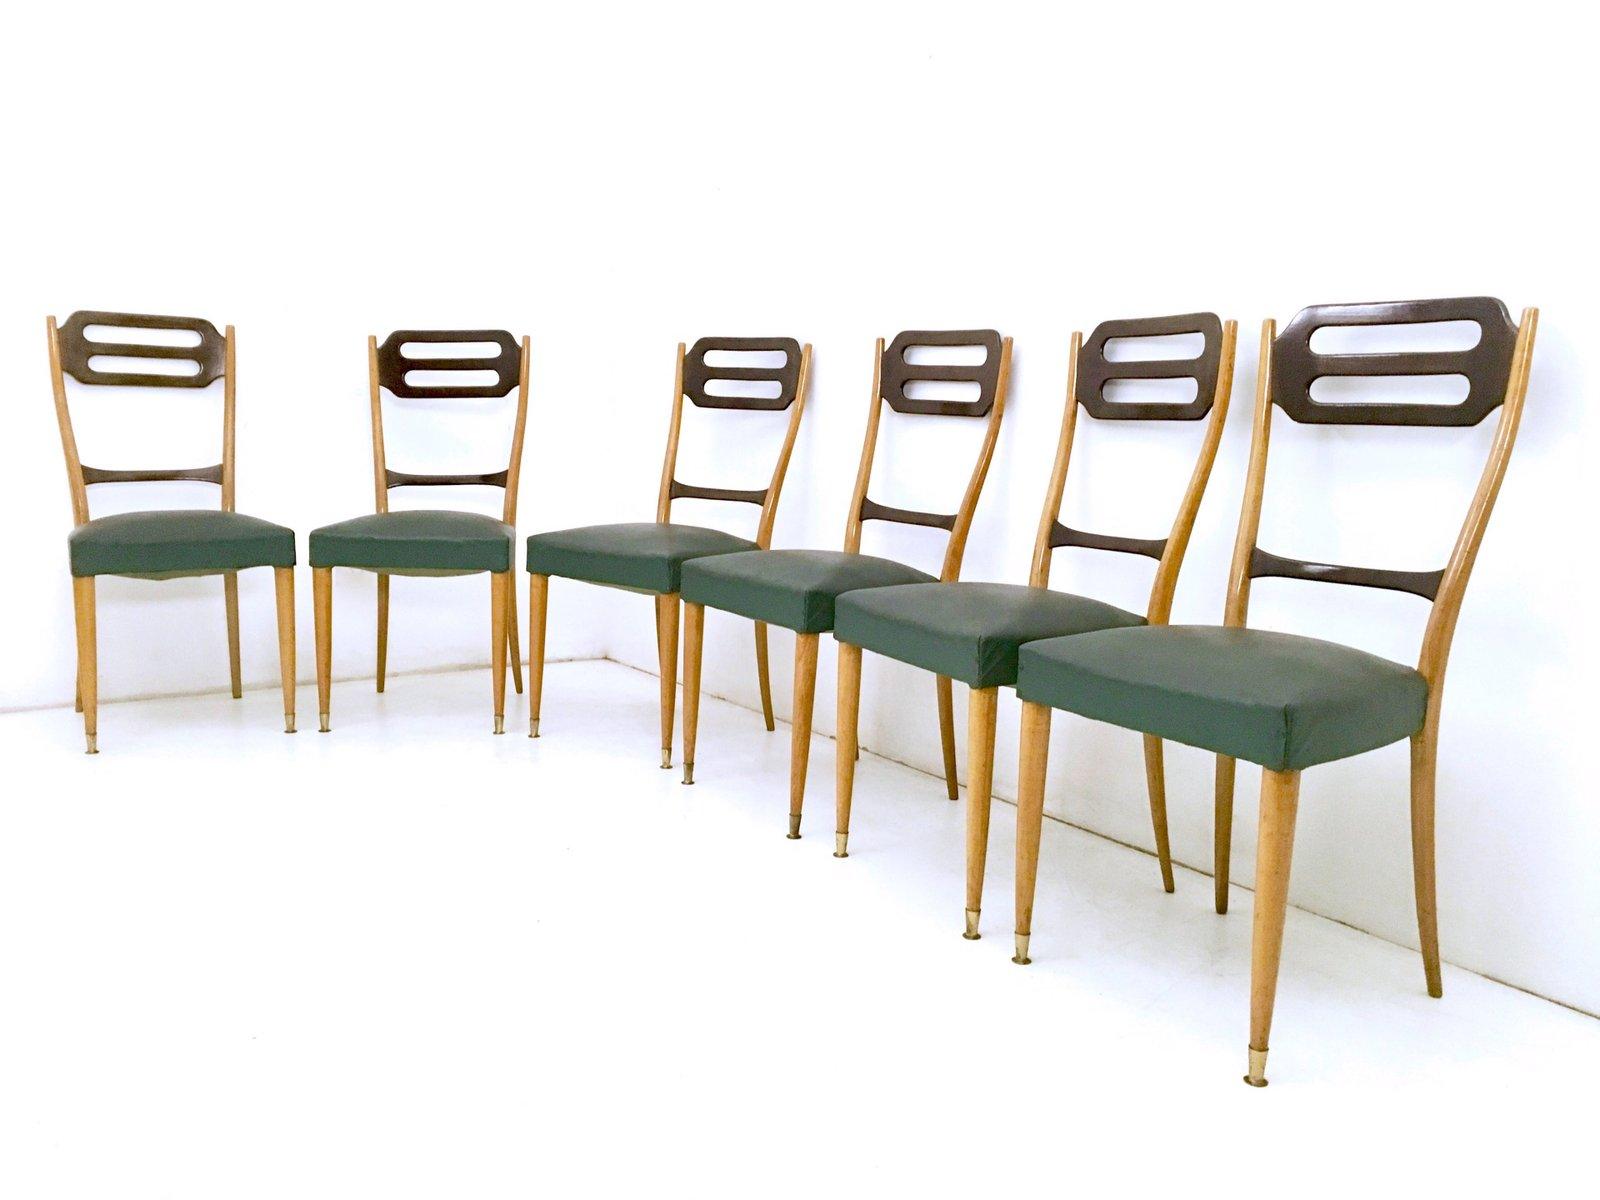 Italienische Esszimmer Stühle in Grünem Skai, 1950er, 6er Set bei Pamono kaufen